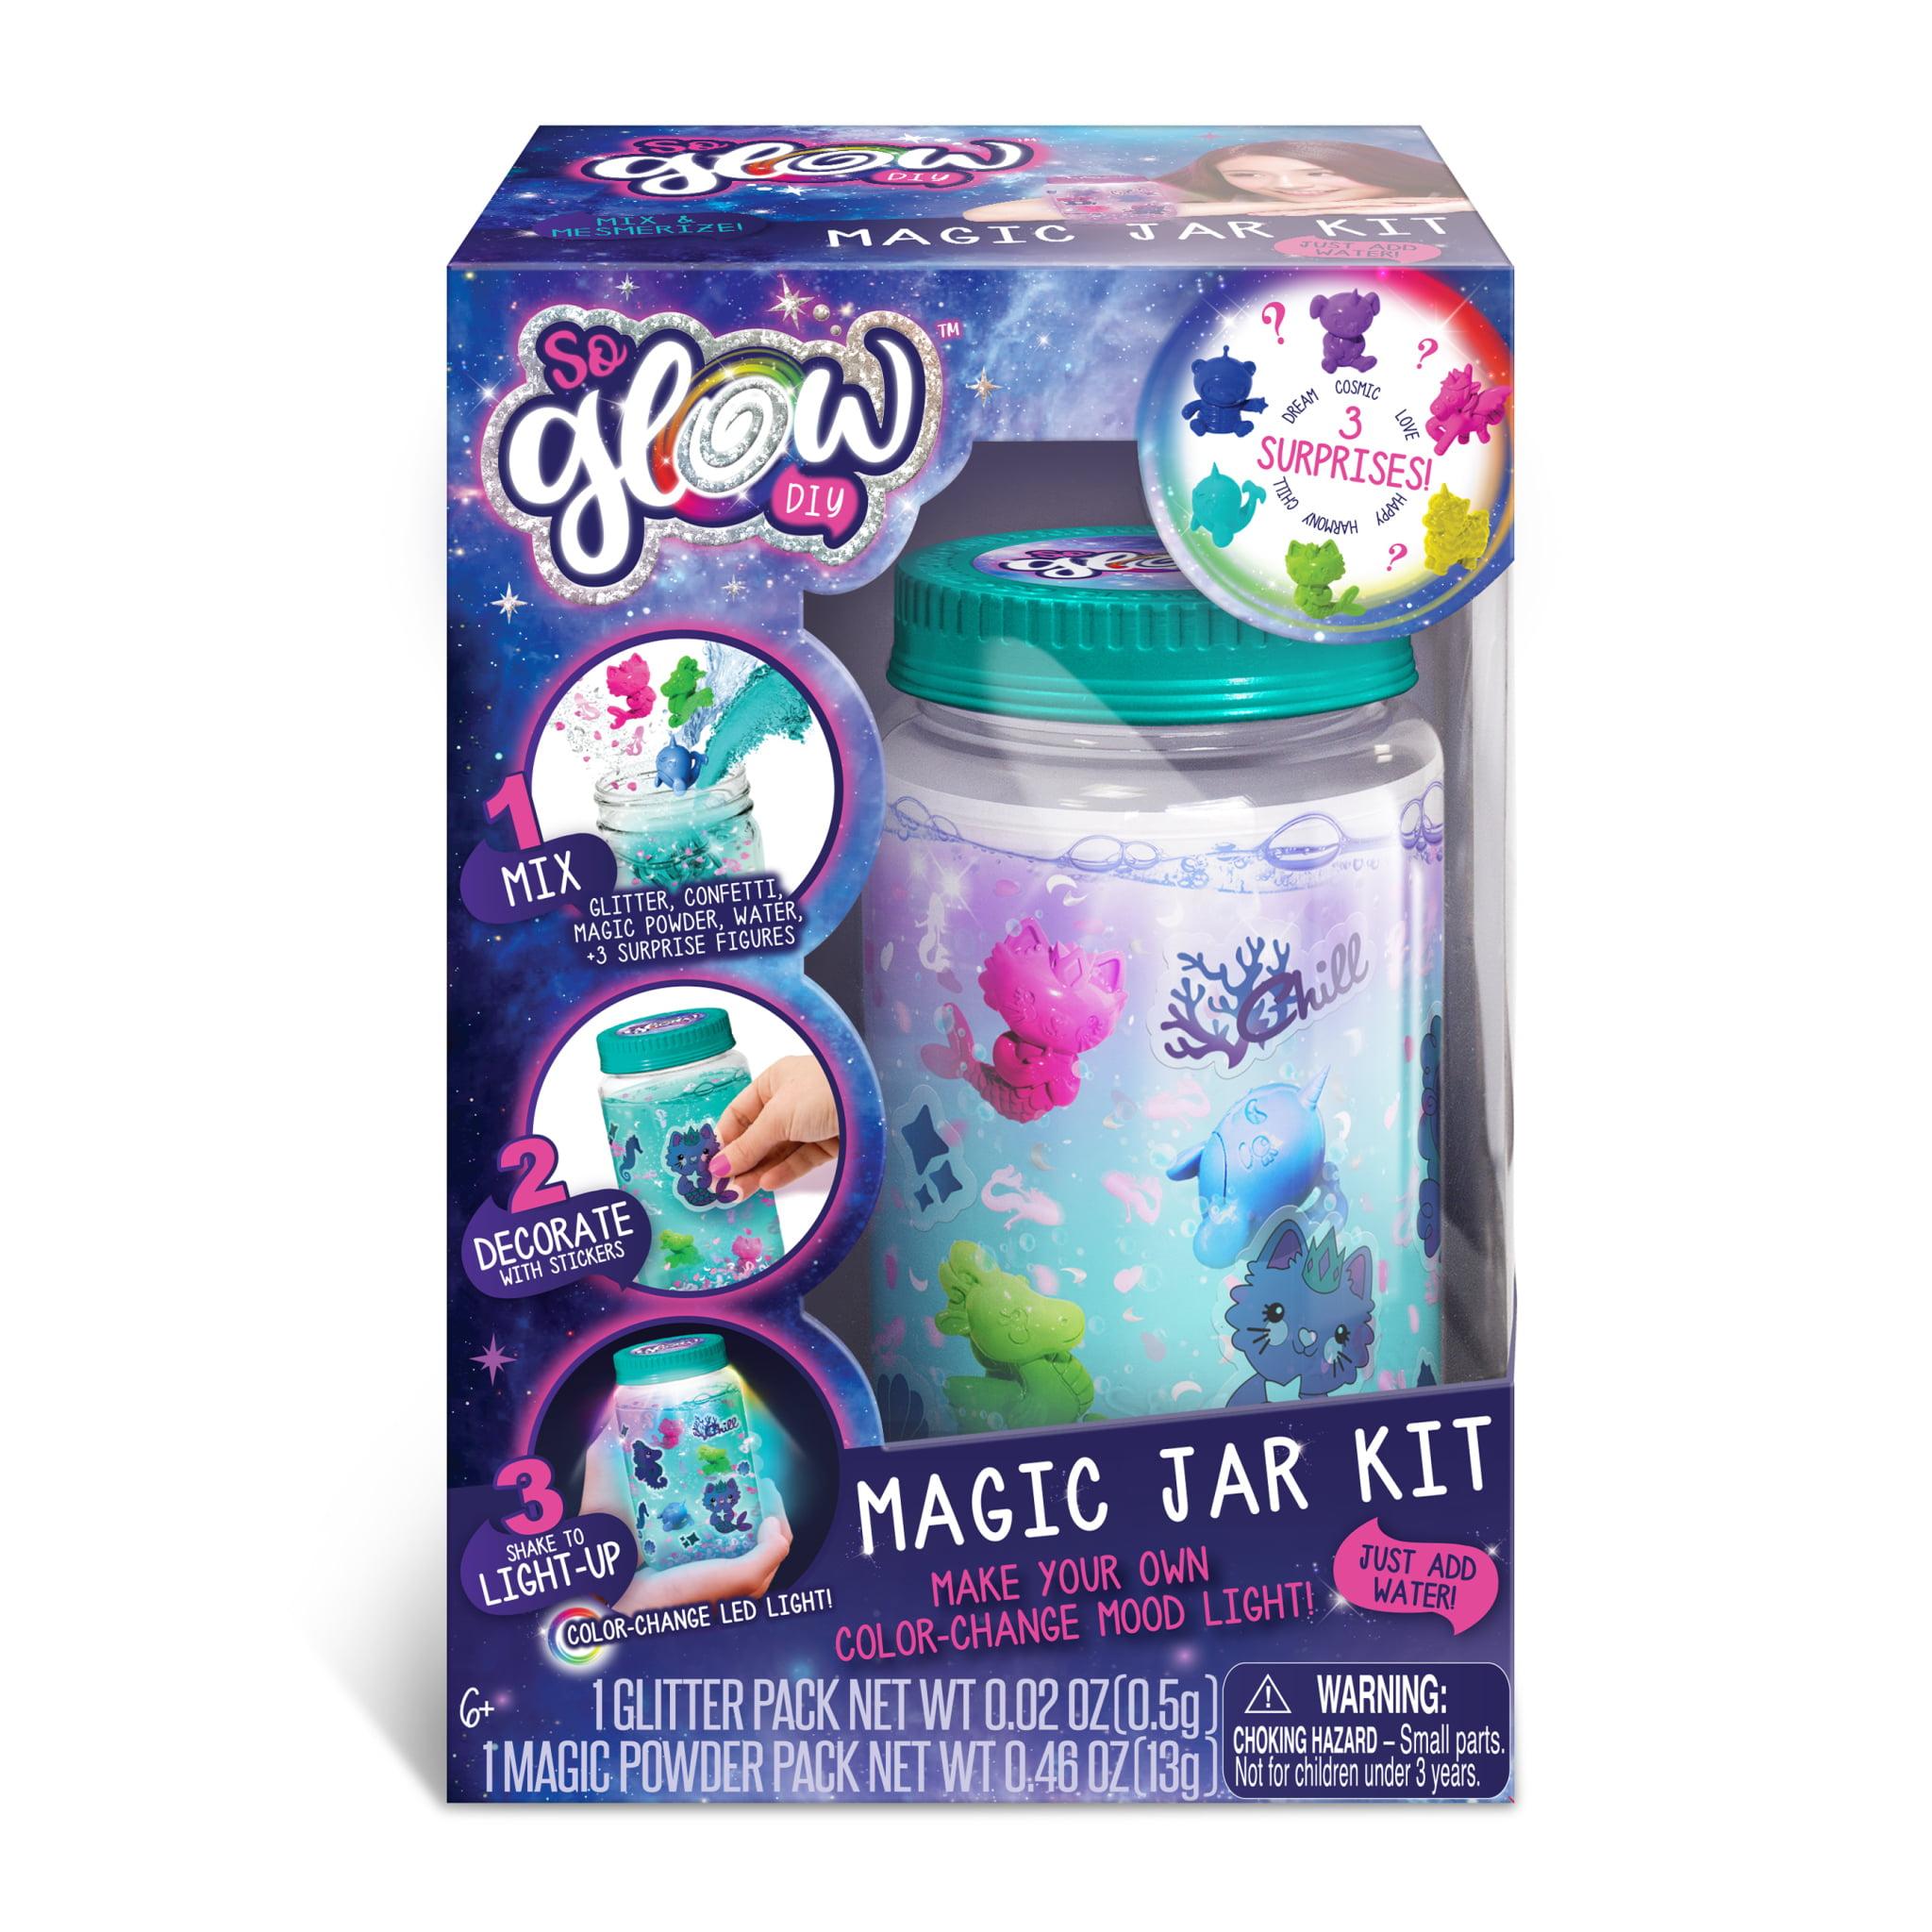 SoGlow Magic Jar Kit: Large Jar - Make Your Own Color-Change Mood Light!